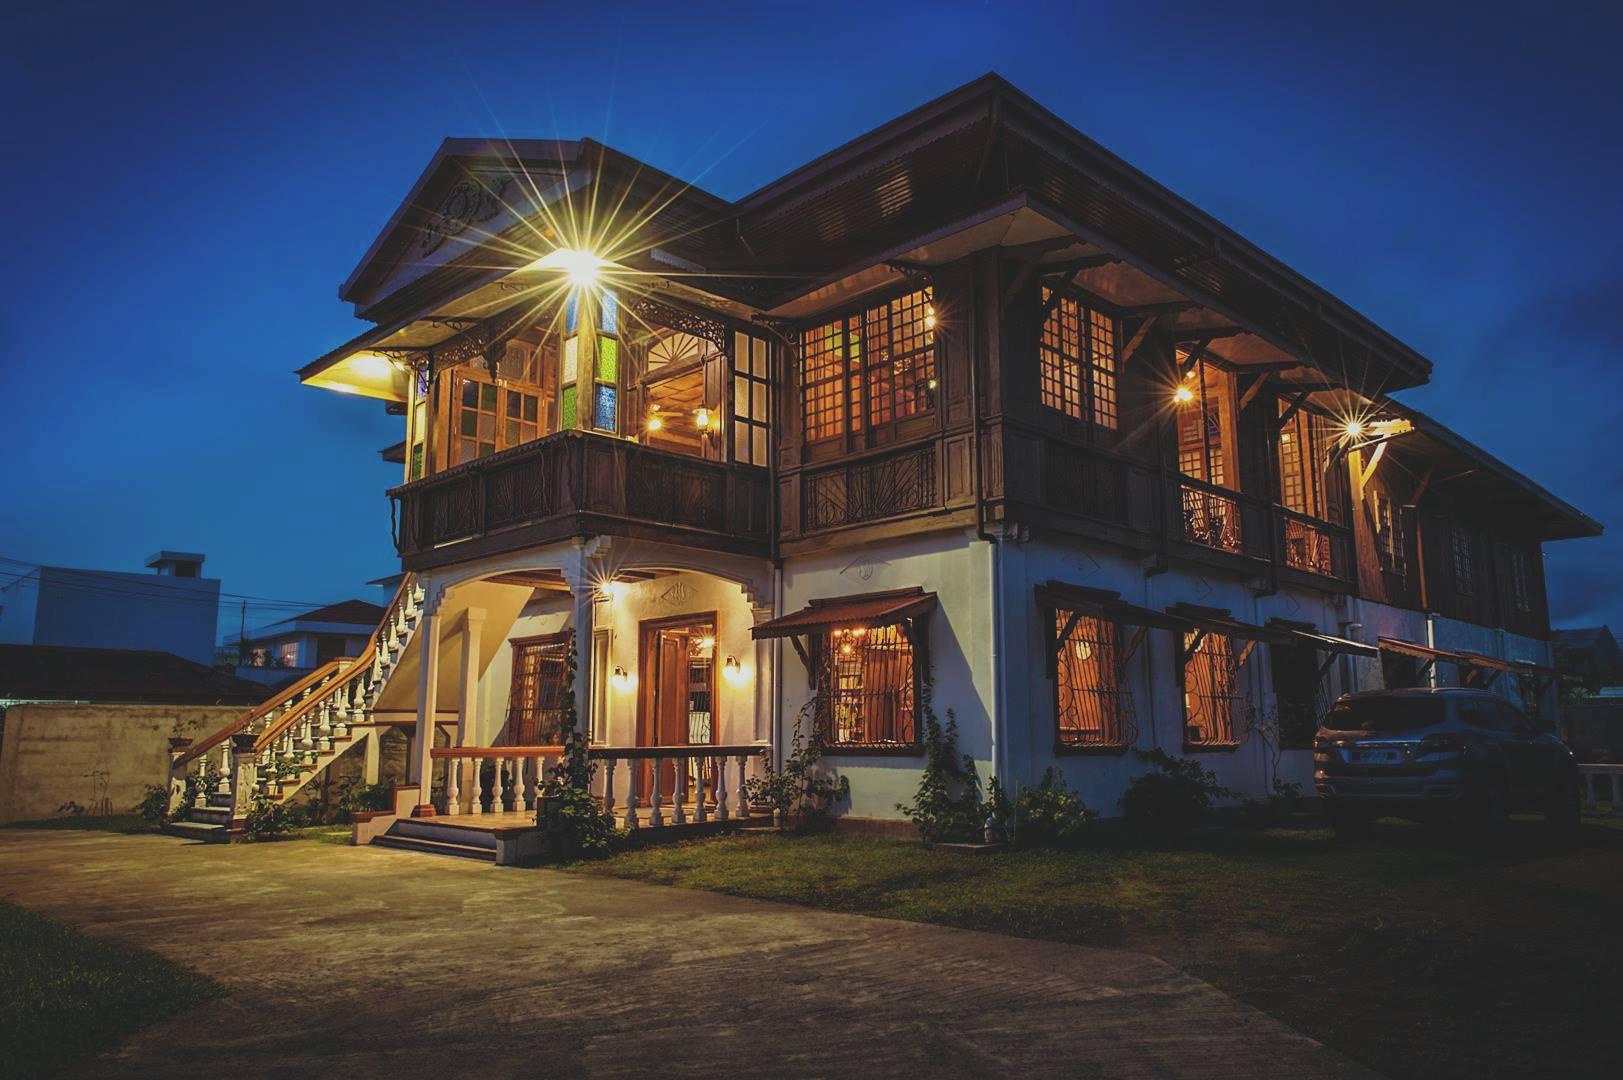 Historisk vingesus med time to travel I legaspi. Vi har slået os ned i et af Filippinernes ældste huse